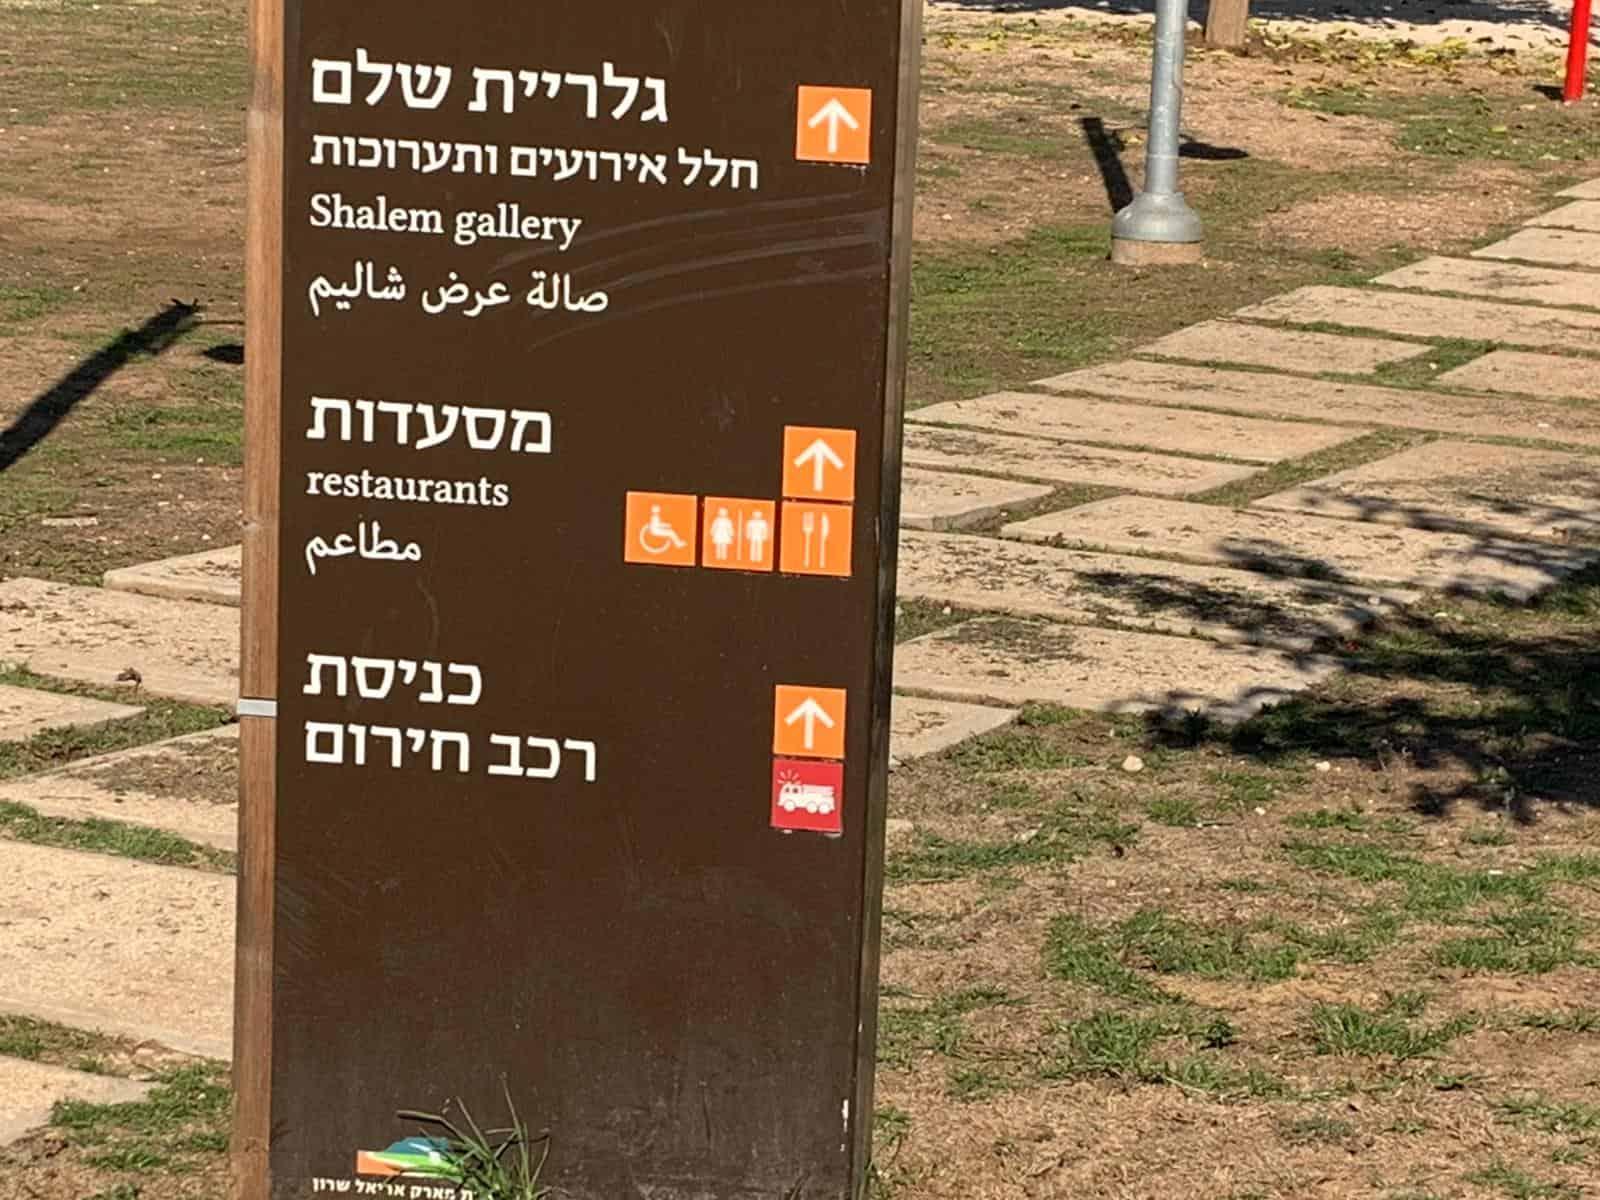 פארק אריאל שרון (צילום: אבנר הופשטיין)